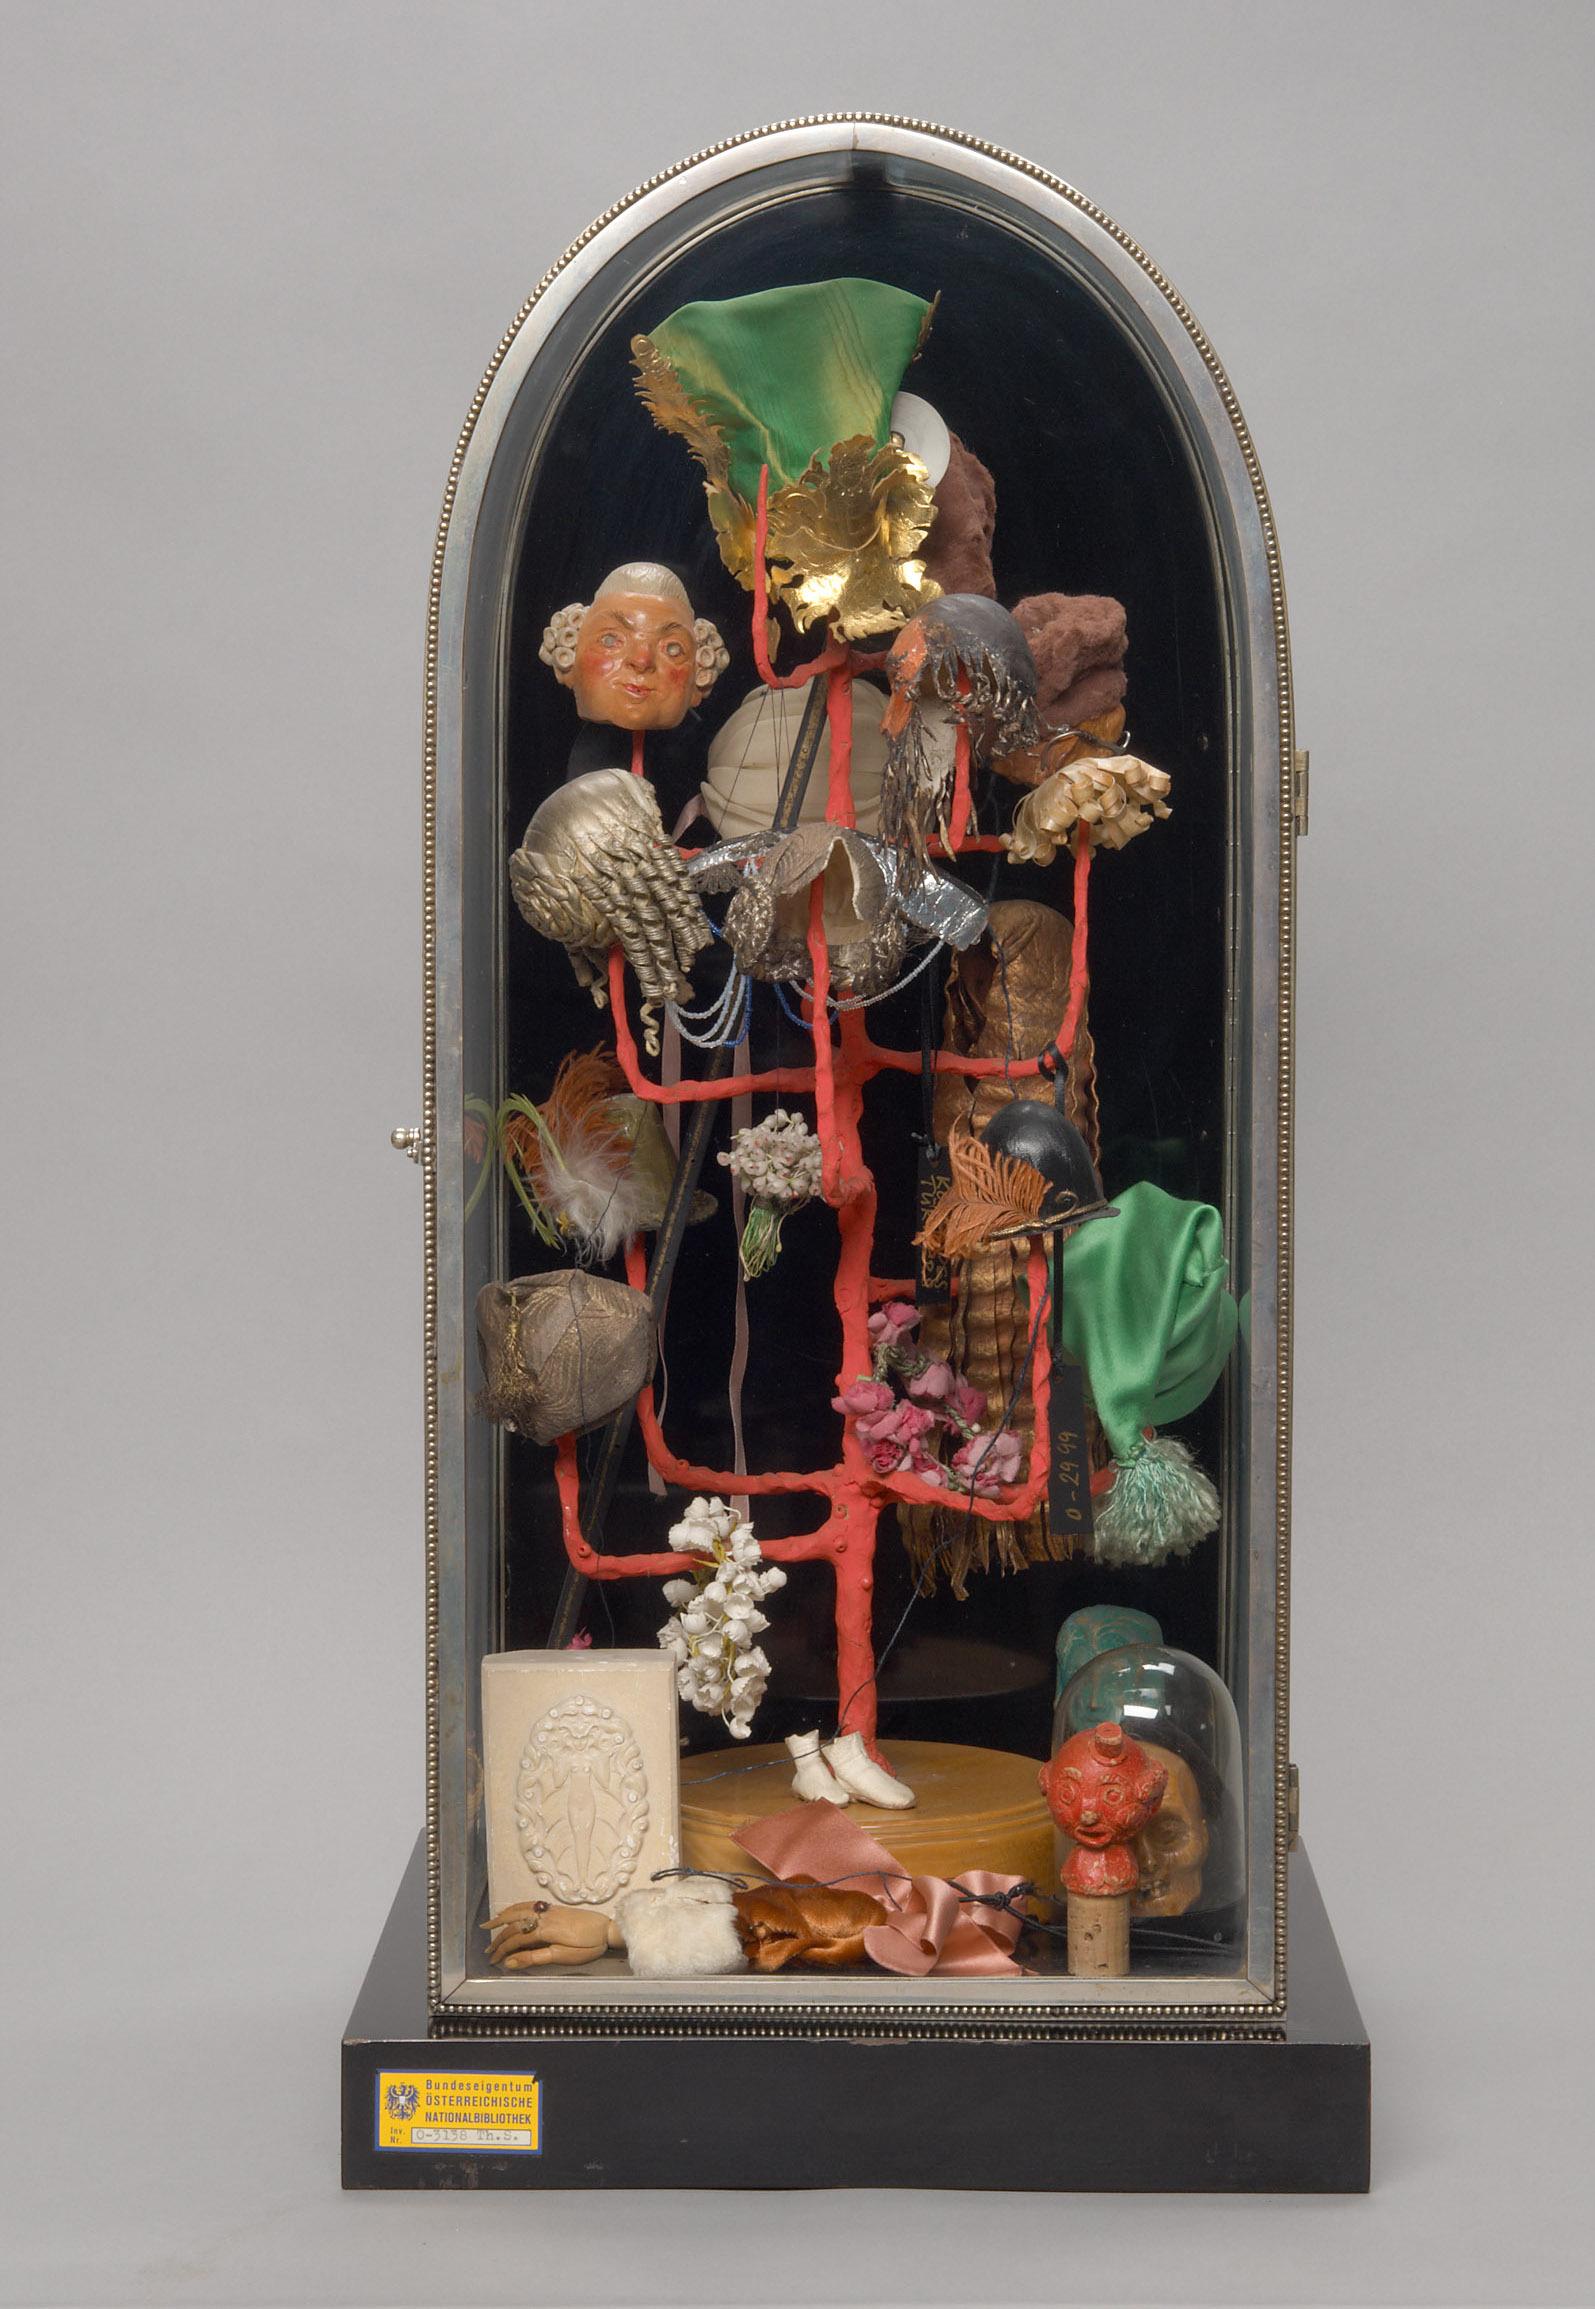 Vitrine mit Köpfchenbaum von Richard Teschner